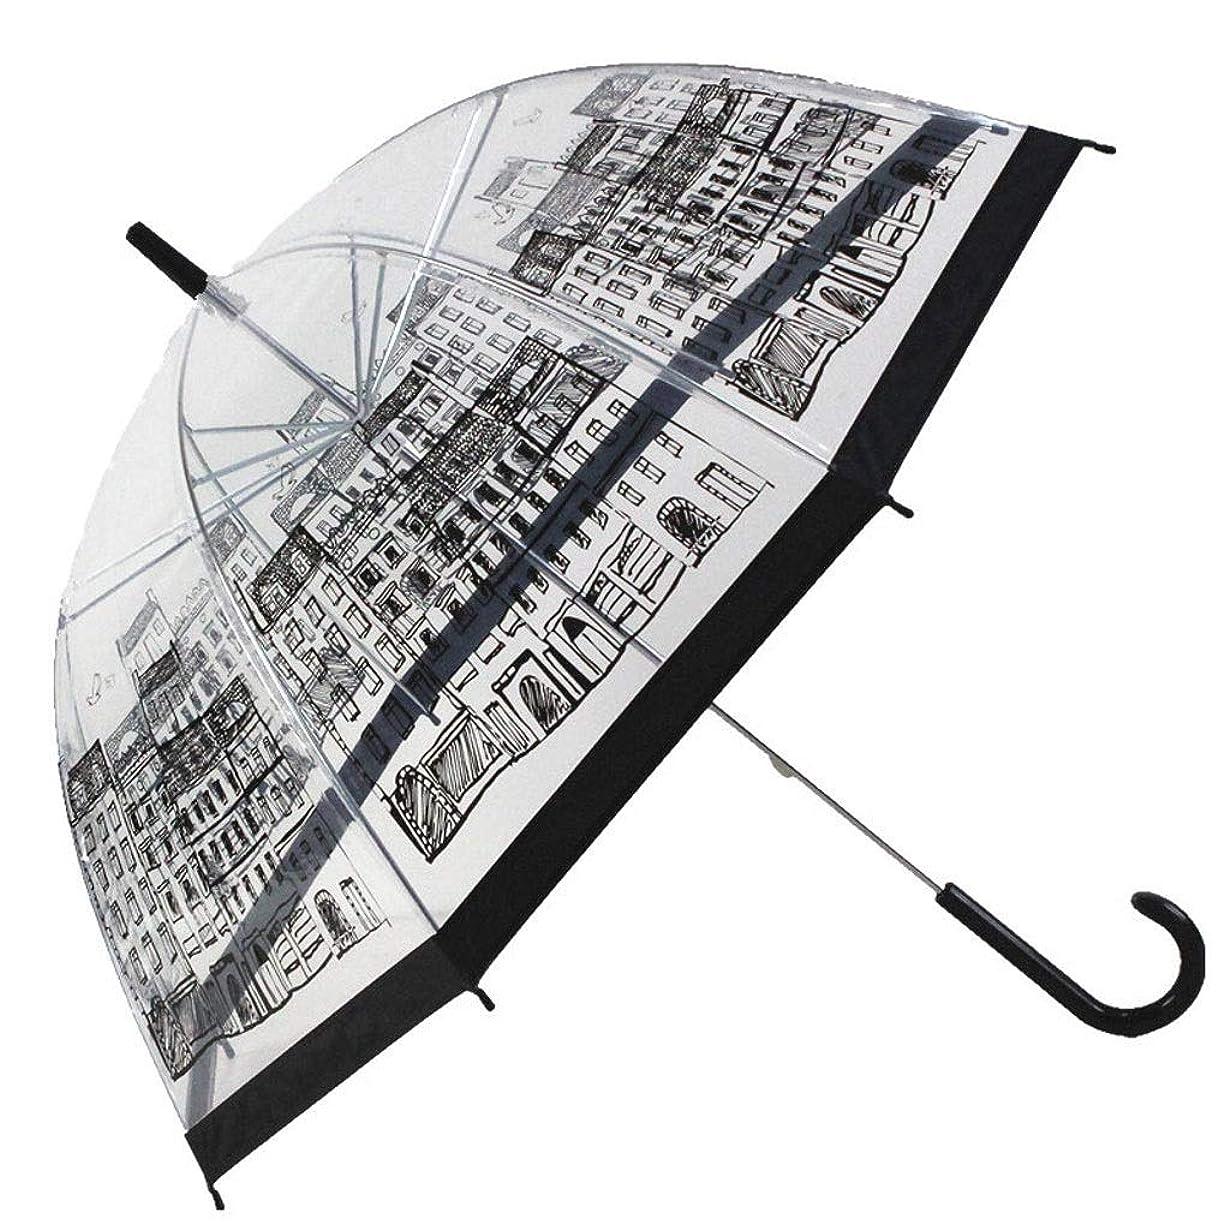 買収まつげ蒸留するRXY-傘 鳥かごの透明な傘、厚手の長いハンドル、アポロ傘 (Color : B)